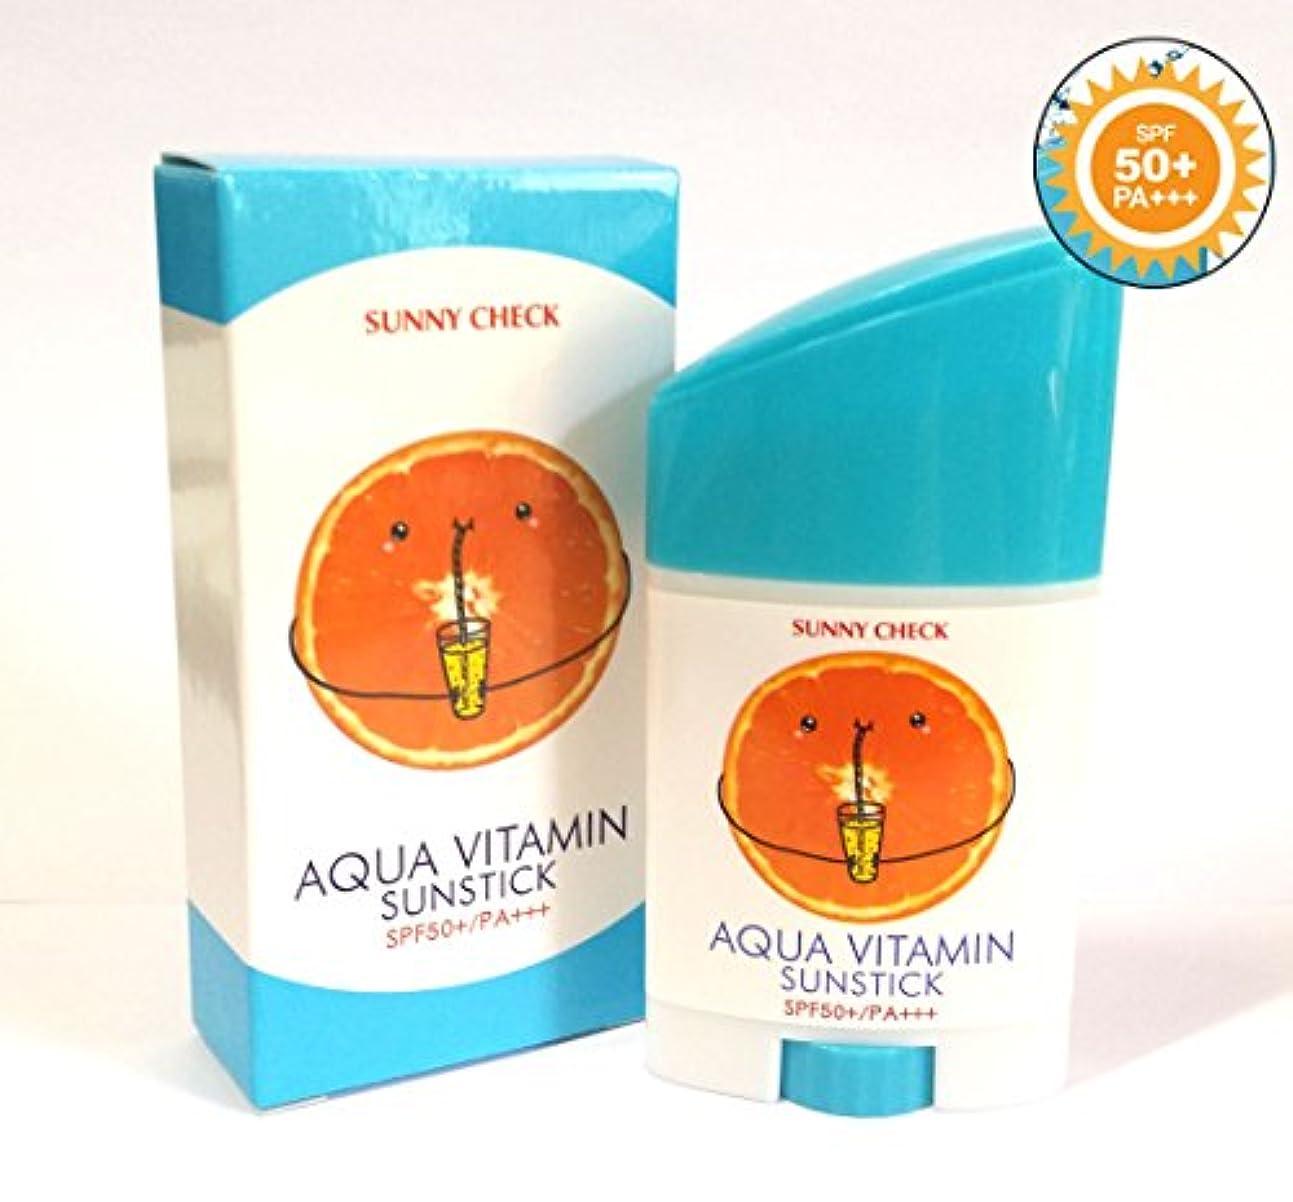 ハブ鼻ヘロイン[Sunny Check] アクアビタミンサンスティックSPF50 + PA +++ 26g(0.9oz)/UVプロテクション/韓国化粧品/Aqua Vitamin Sun Stick SPF50+ PA+++ 26g(...